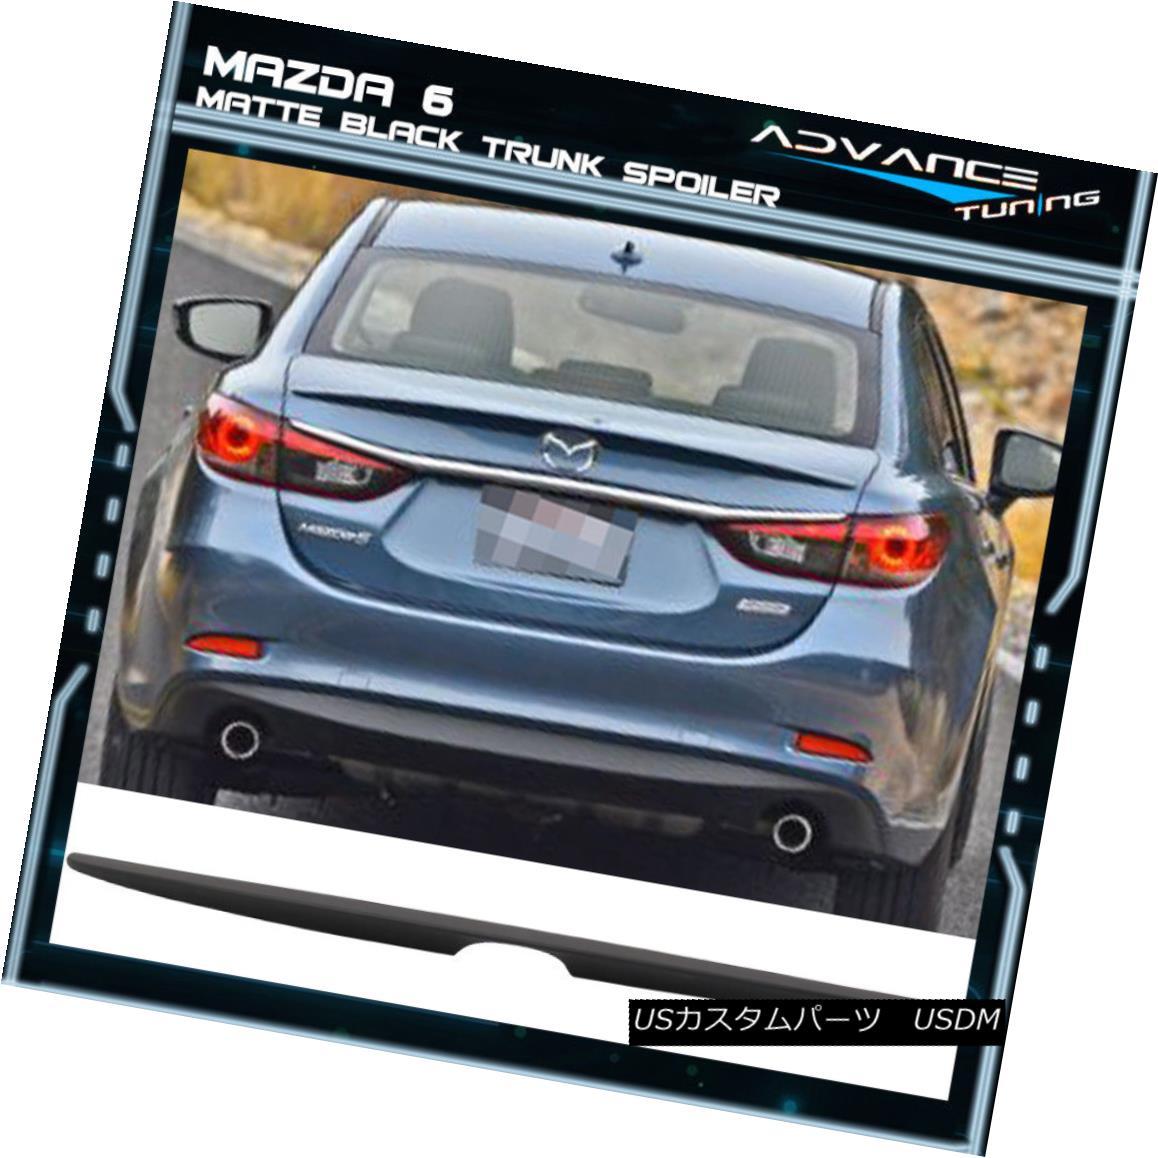 エアロパーツ Matte Black Fits 14-18 Mazda 6 Sedan OE Factory Style Flush Mount Trunk Spoiler マットブラックフィット14-18マツダ6セダンOEファクトリースタイルフラッシュマウントトランクスポイラー